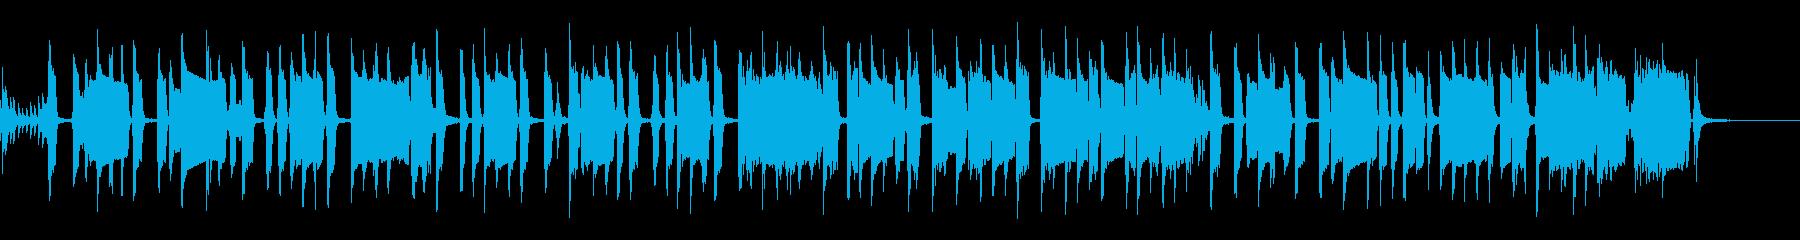 サーフアンドサンドパーコレーティン...の再生済みの波形